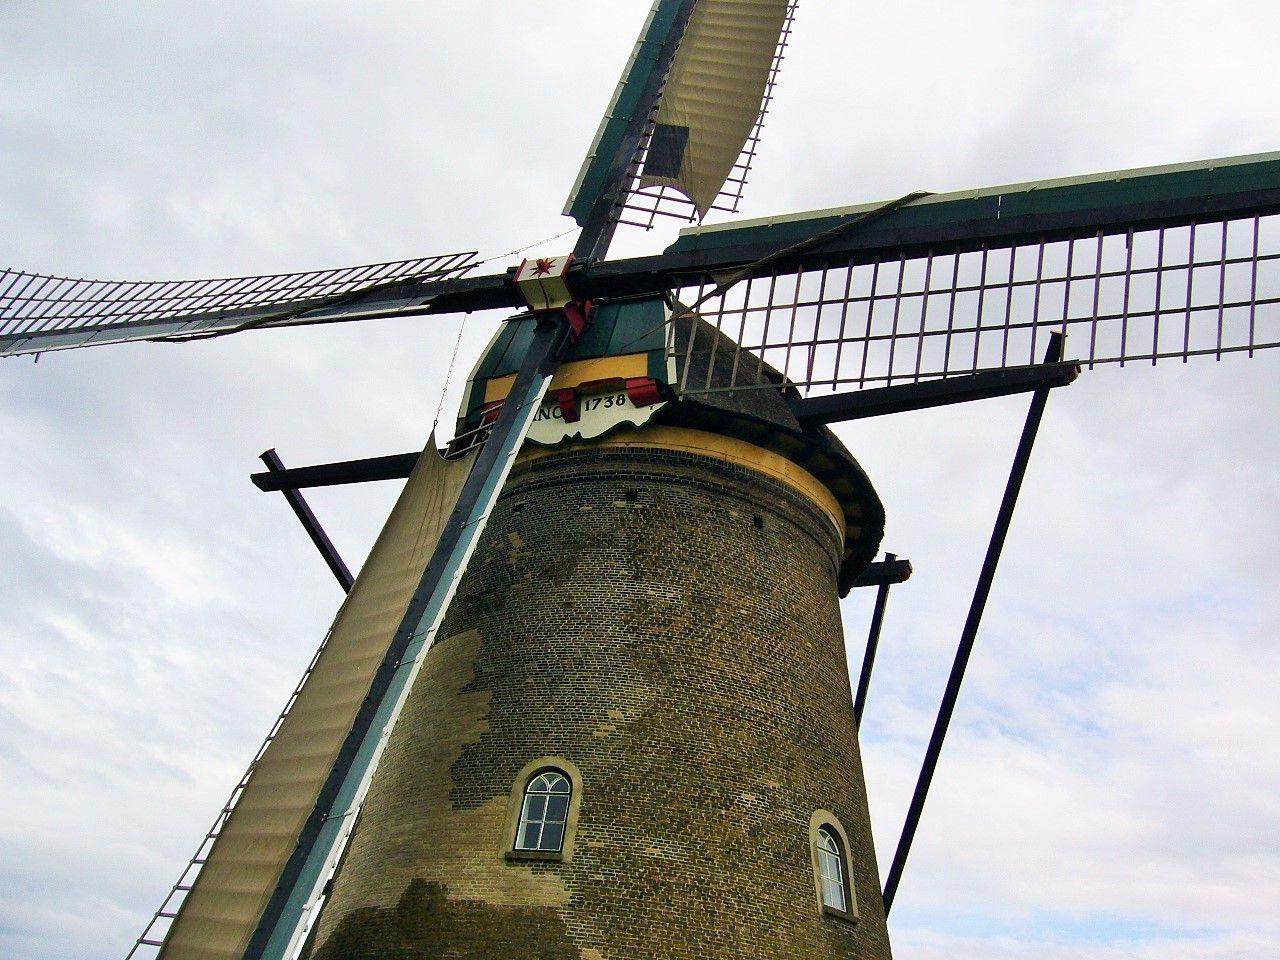 1.キンデルダイクの風車